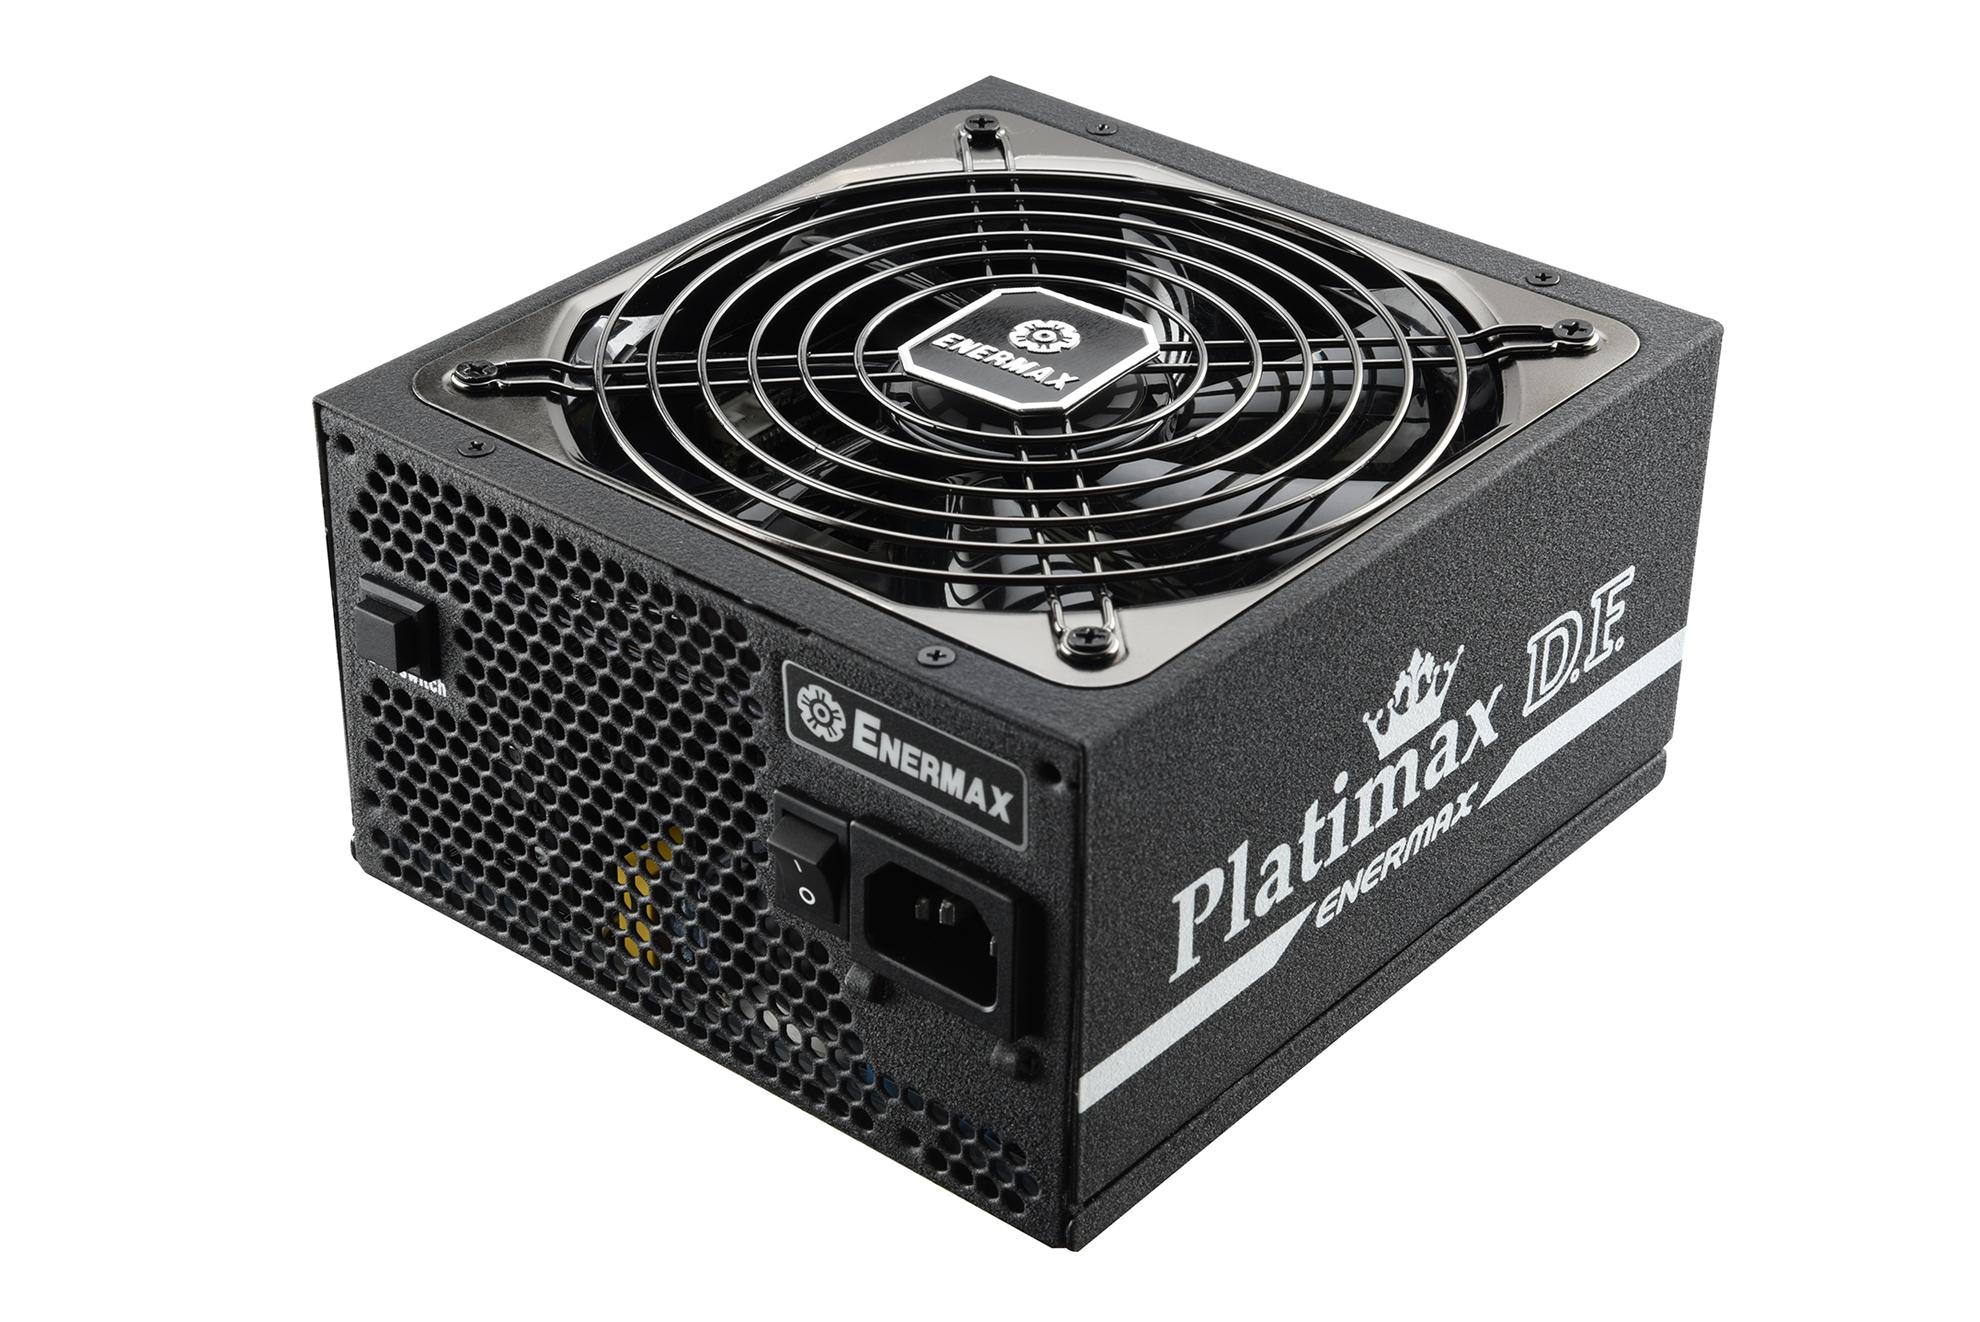 Sursa PC Enermax Platimax D.F 1200W Modulara